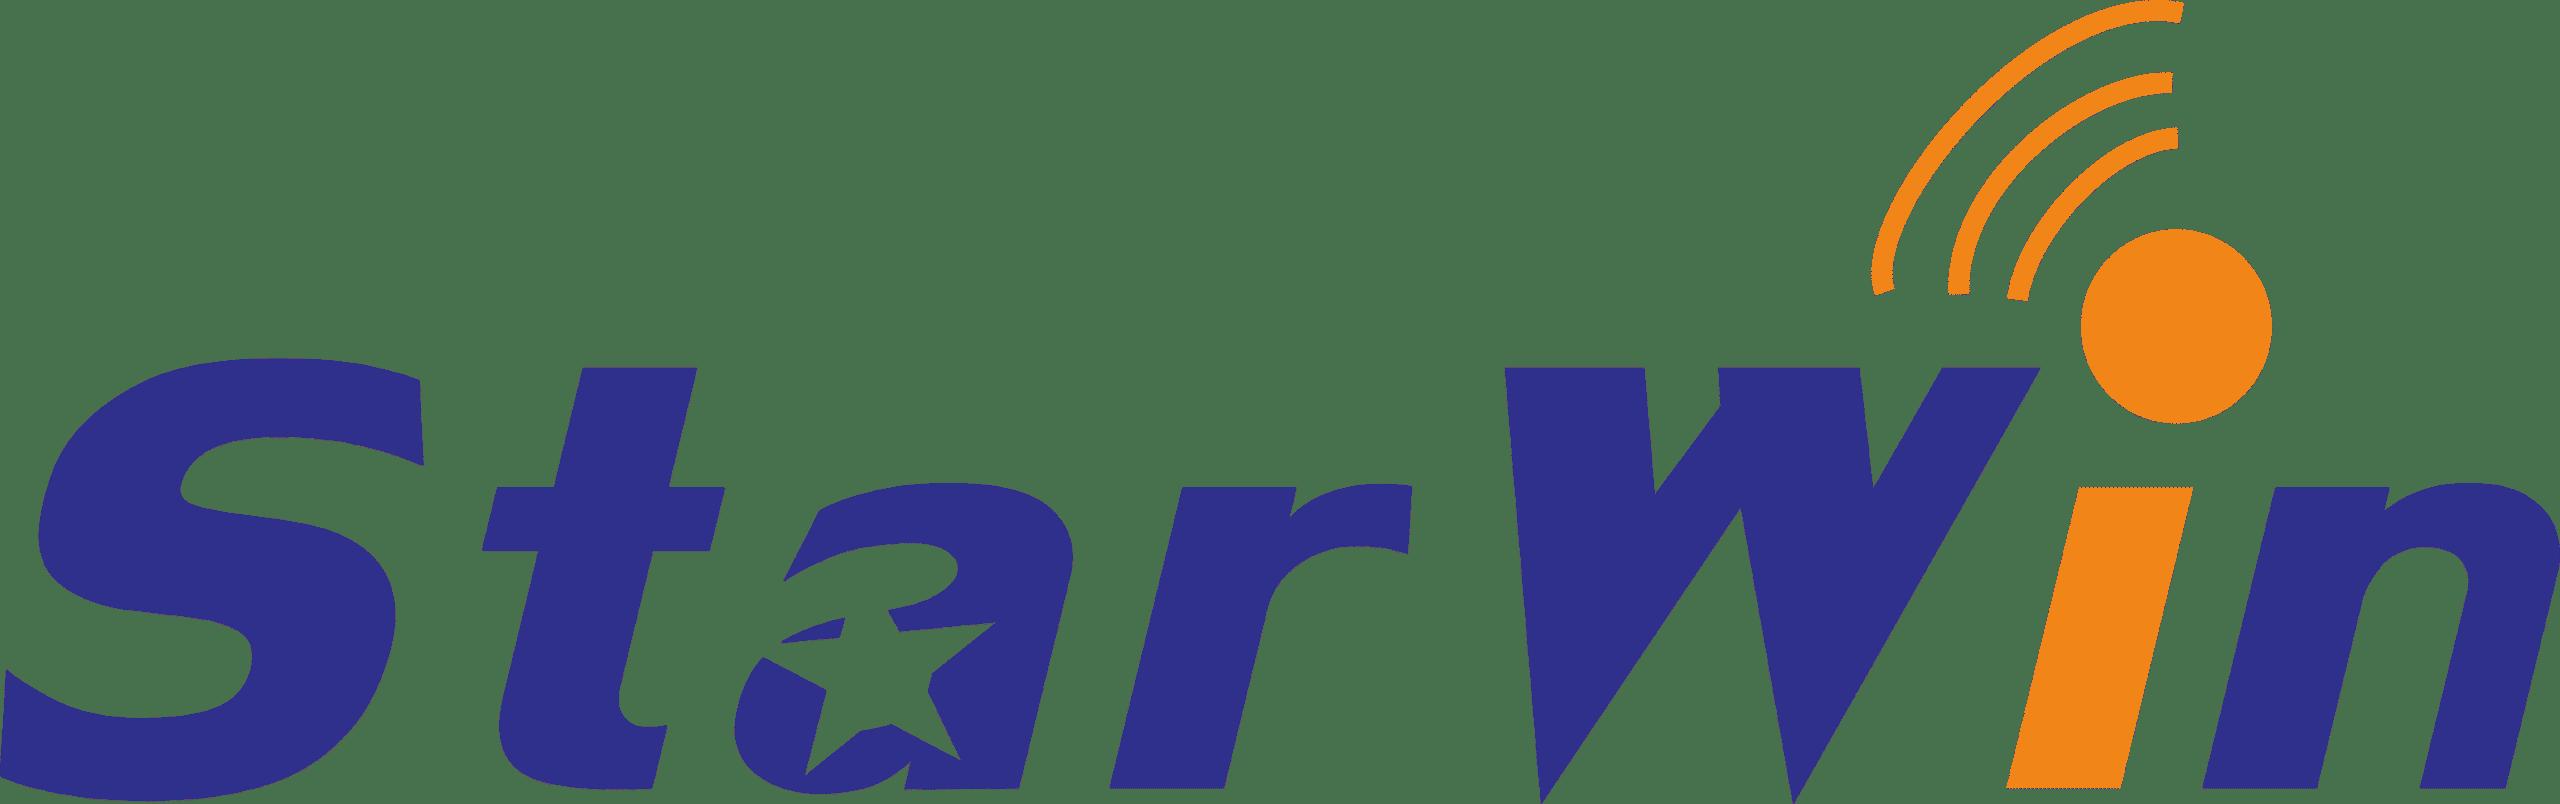 starwin logo